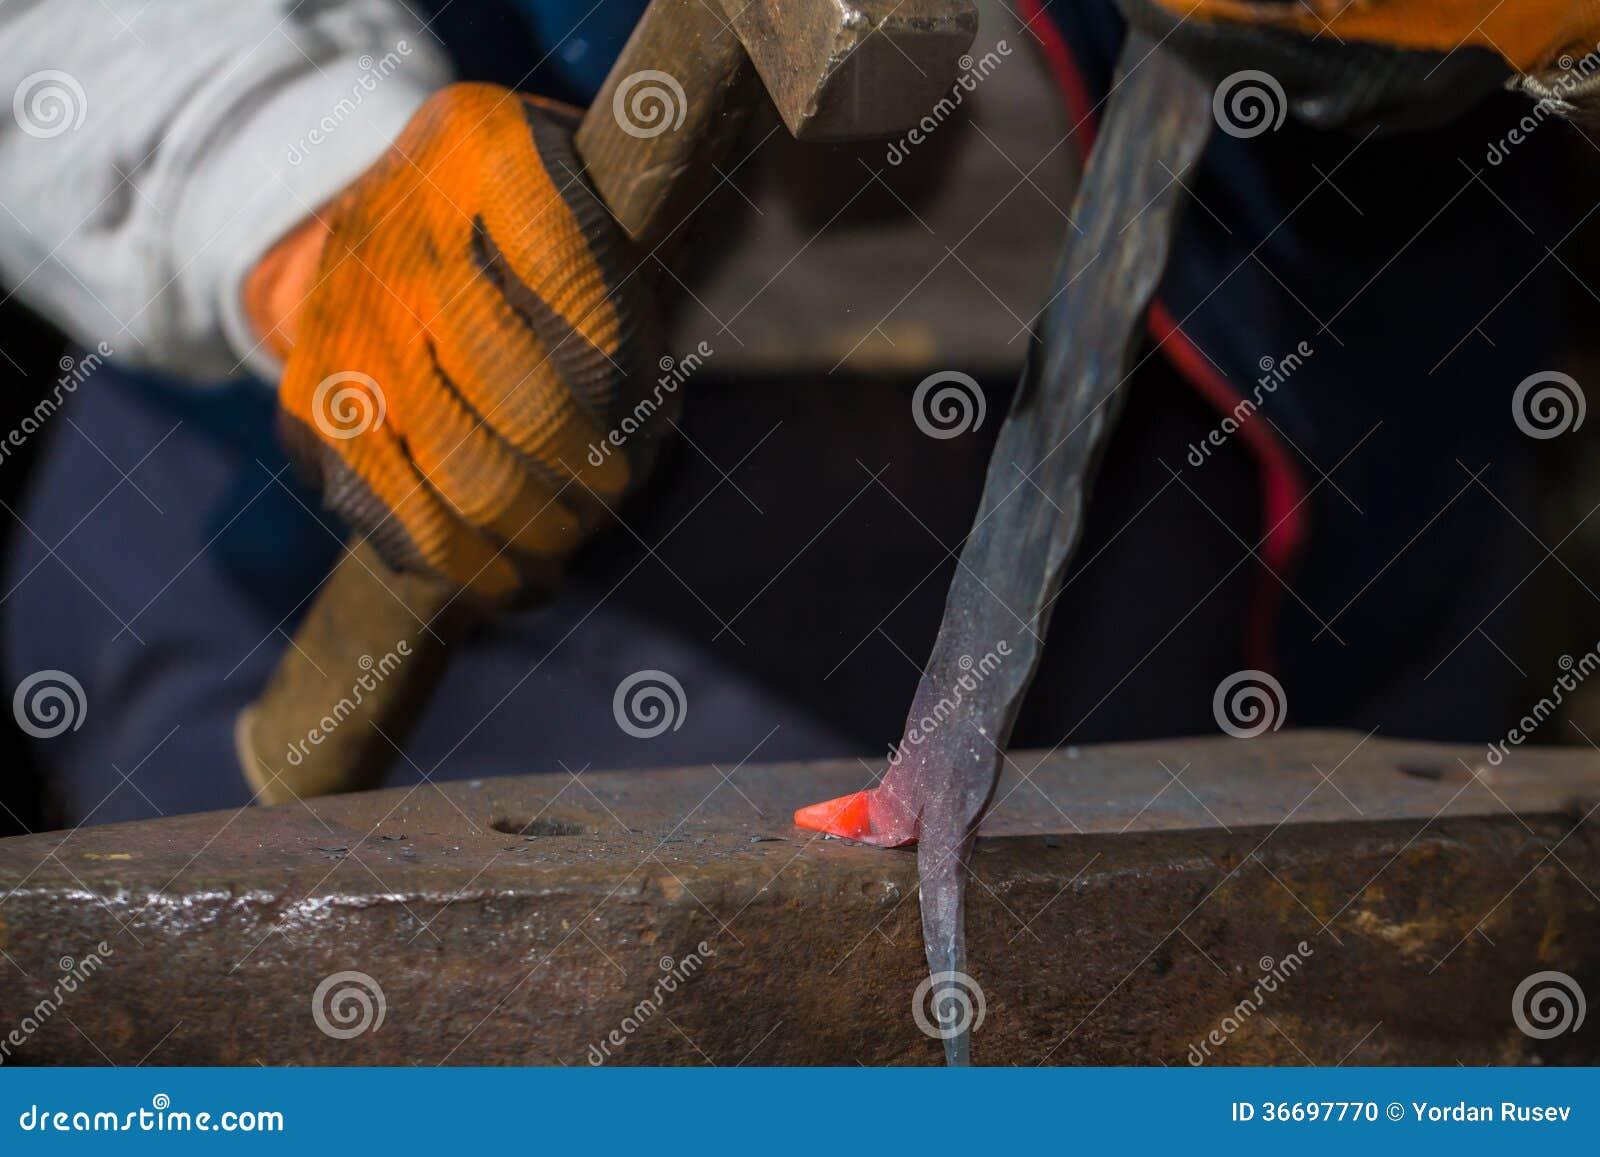 Smith die heet ijzer smeden stock foto afbeelding 36697770 - Ijzer valet smeden ...